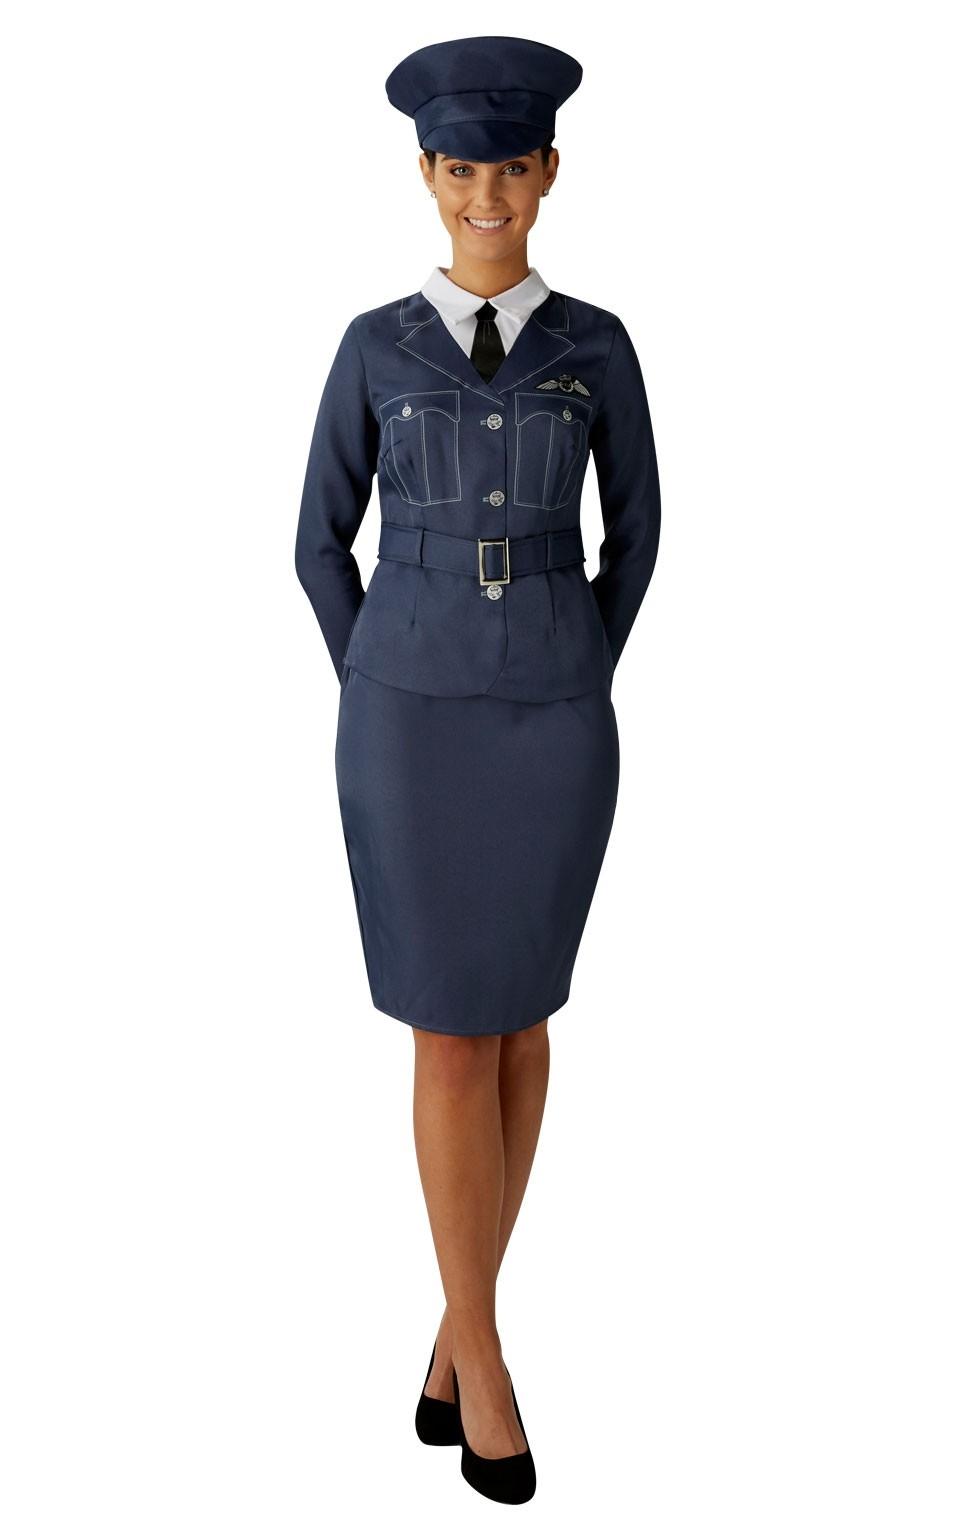 женская военная форма картинки для полосатые обои пола